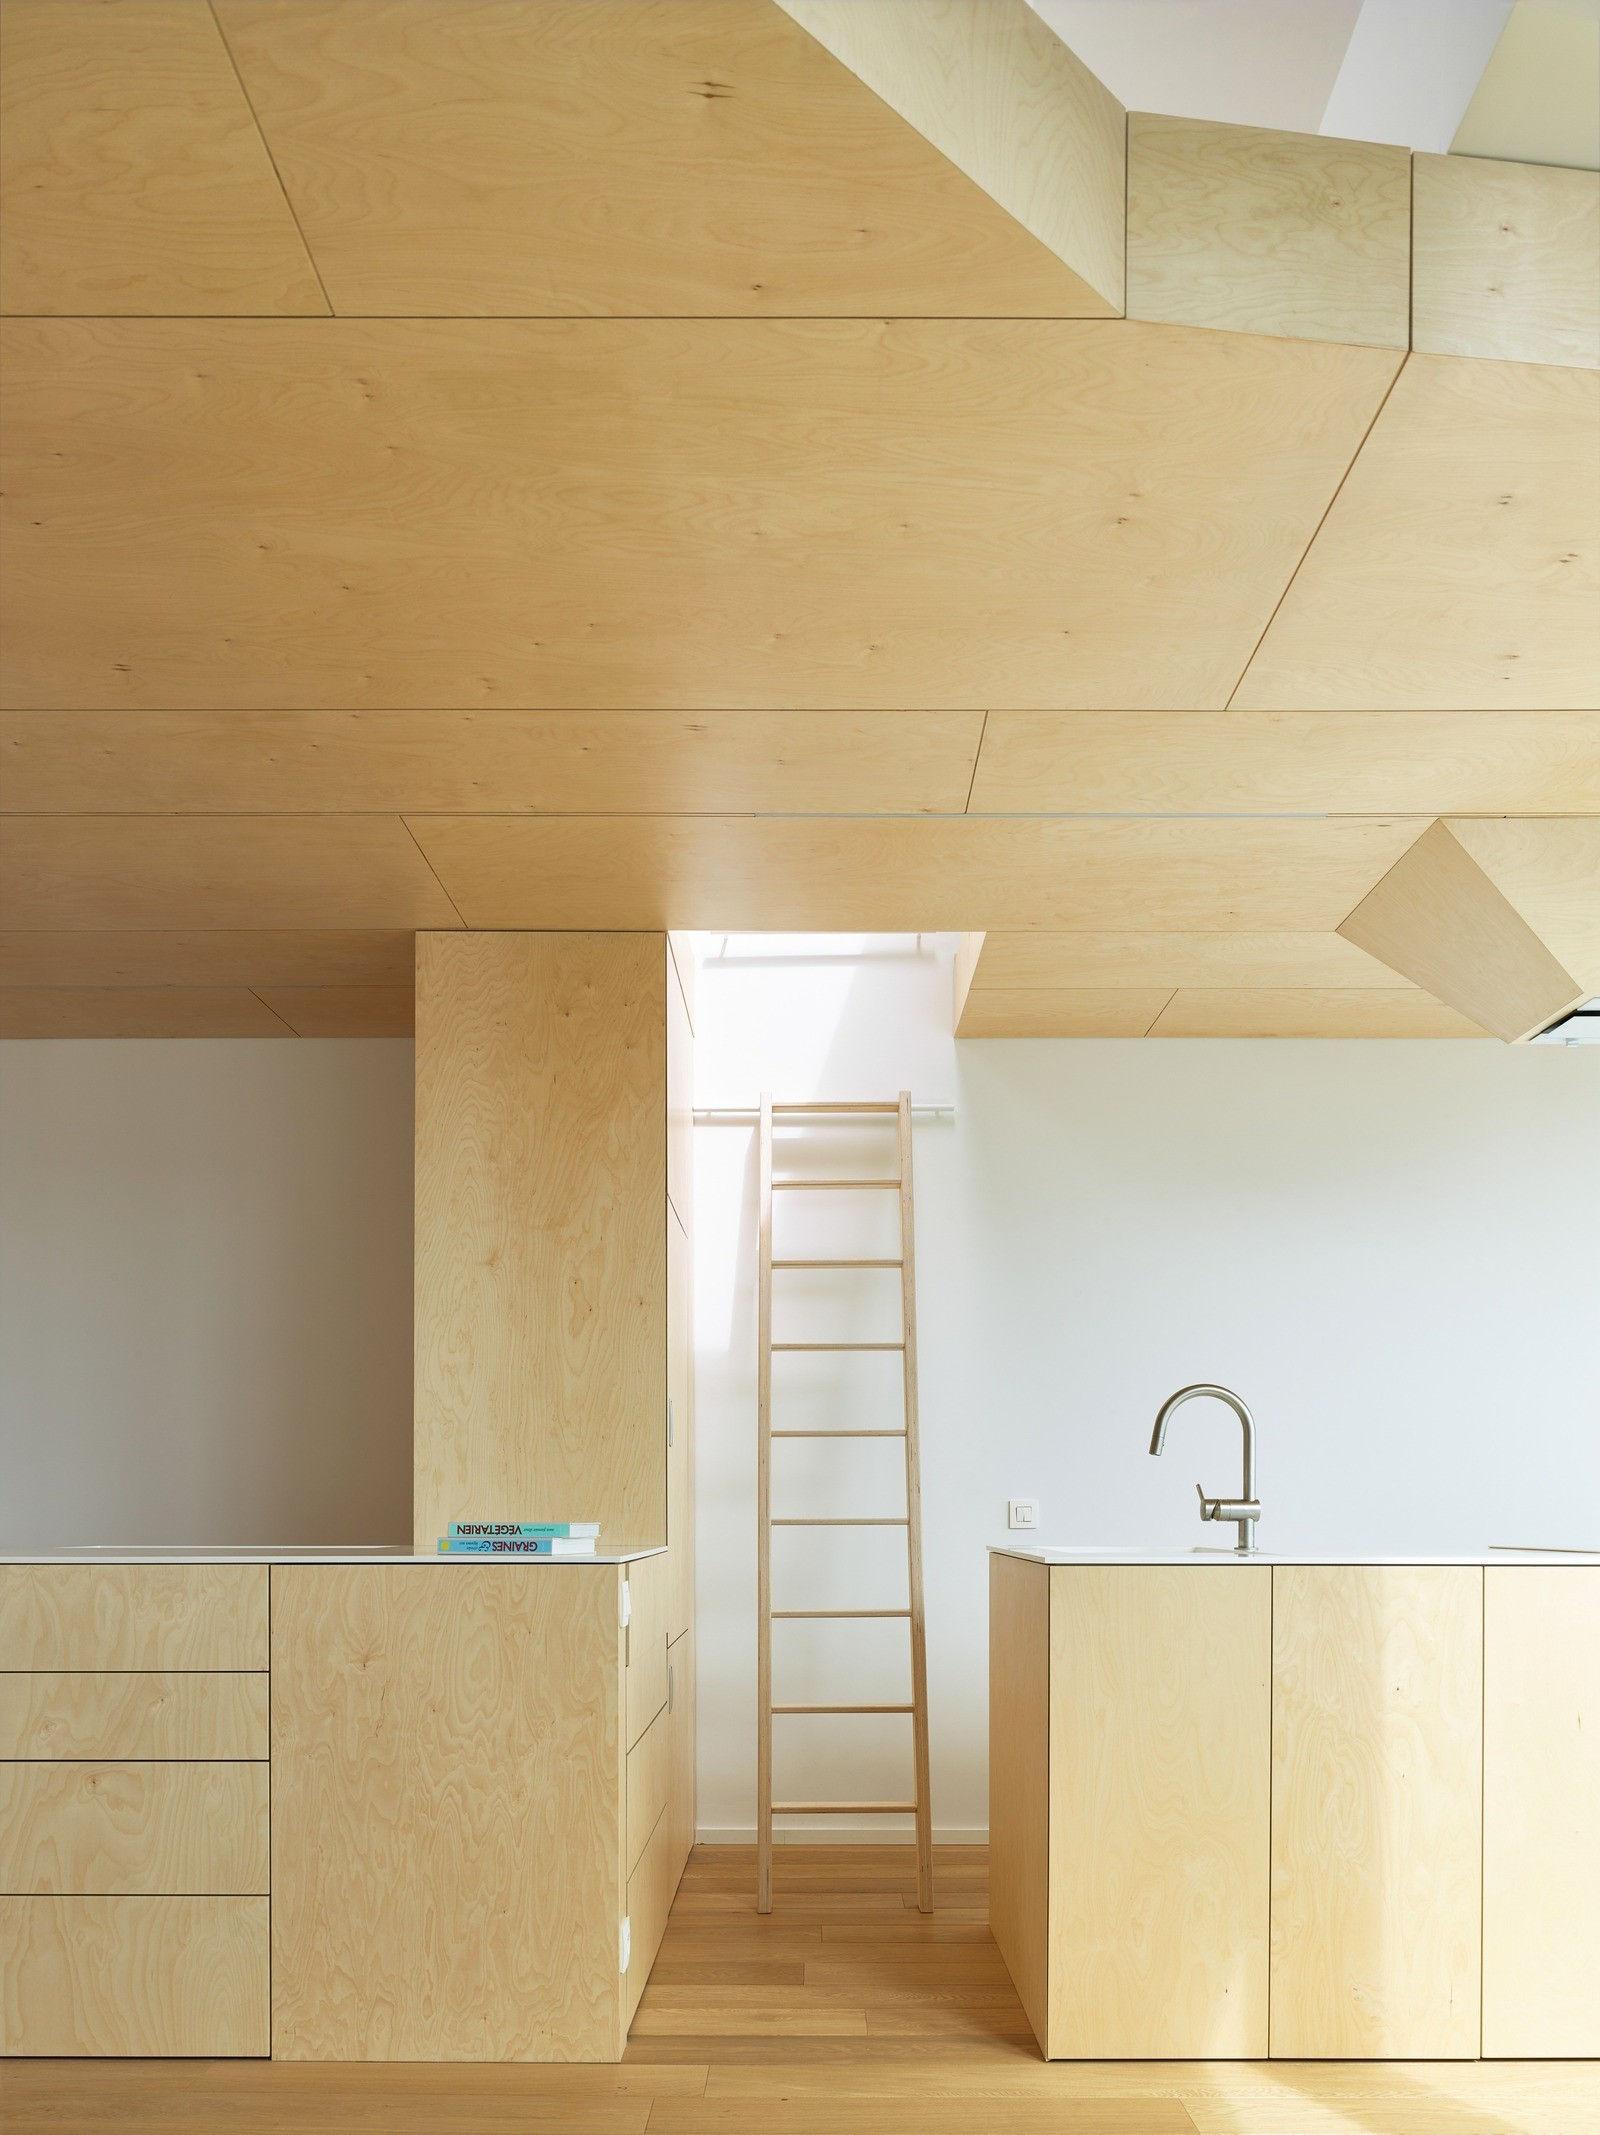 House-in-Belgium-just3ds.com-9